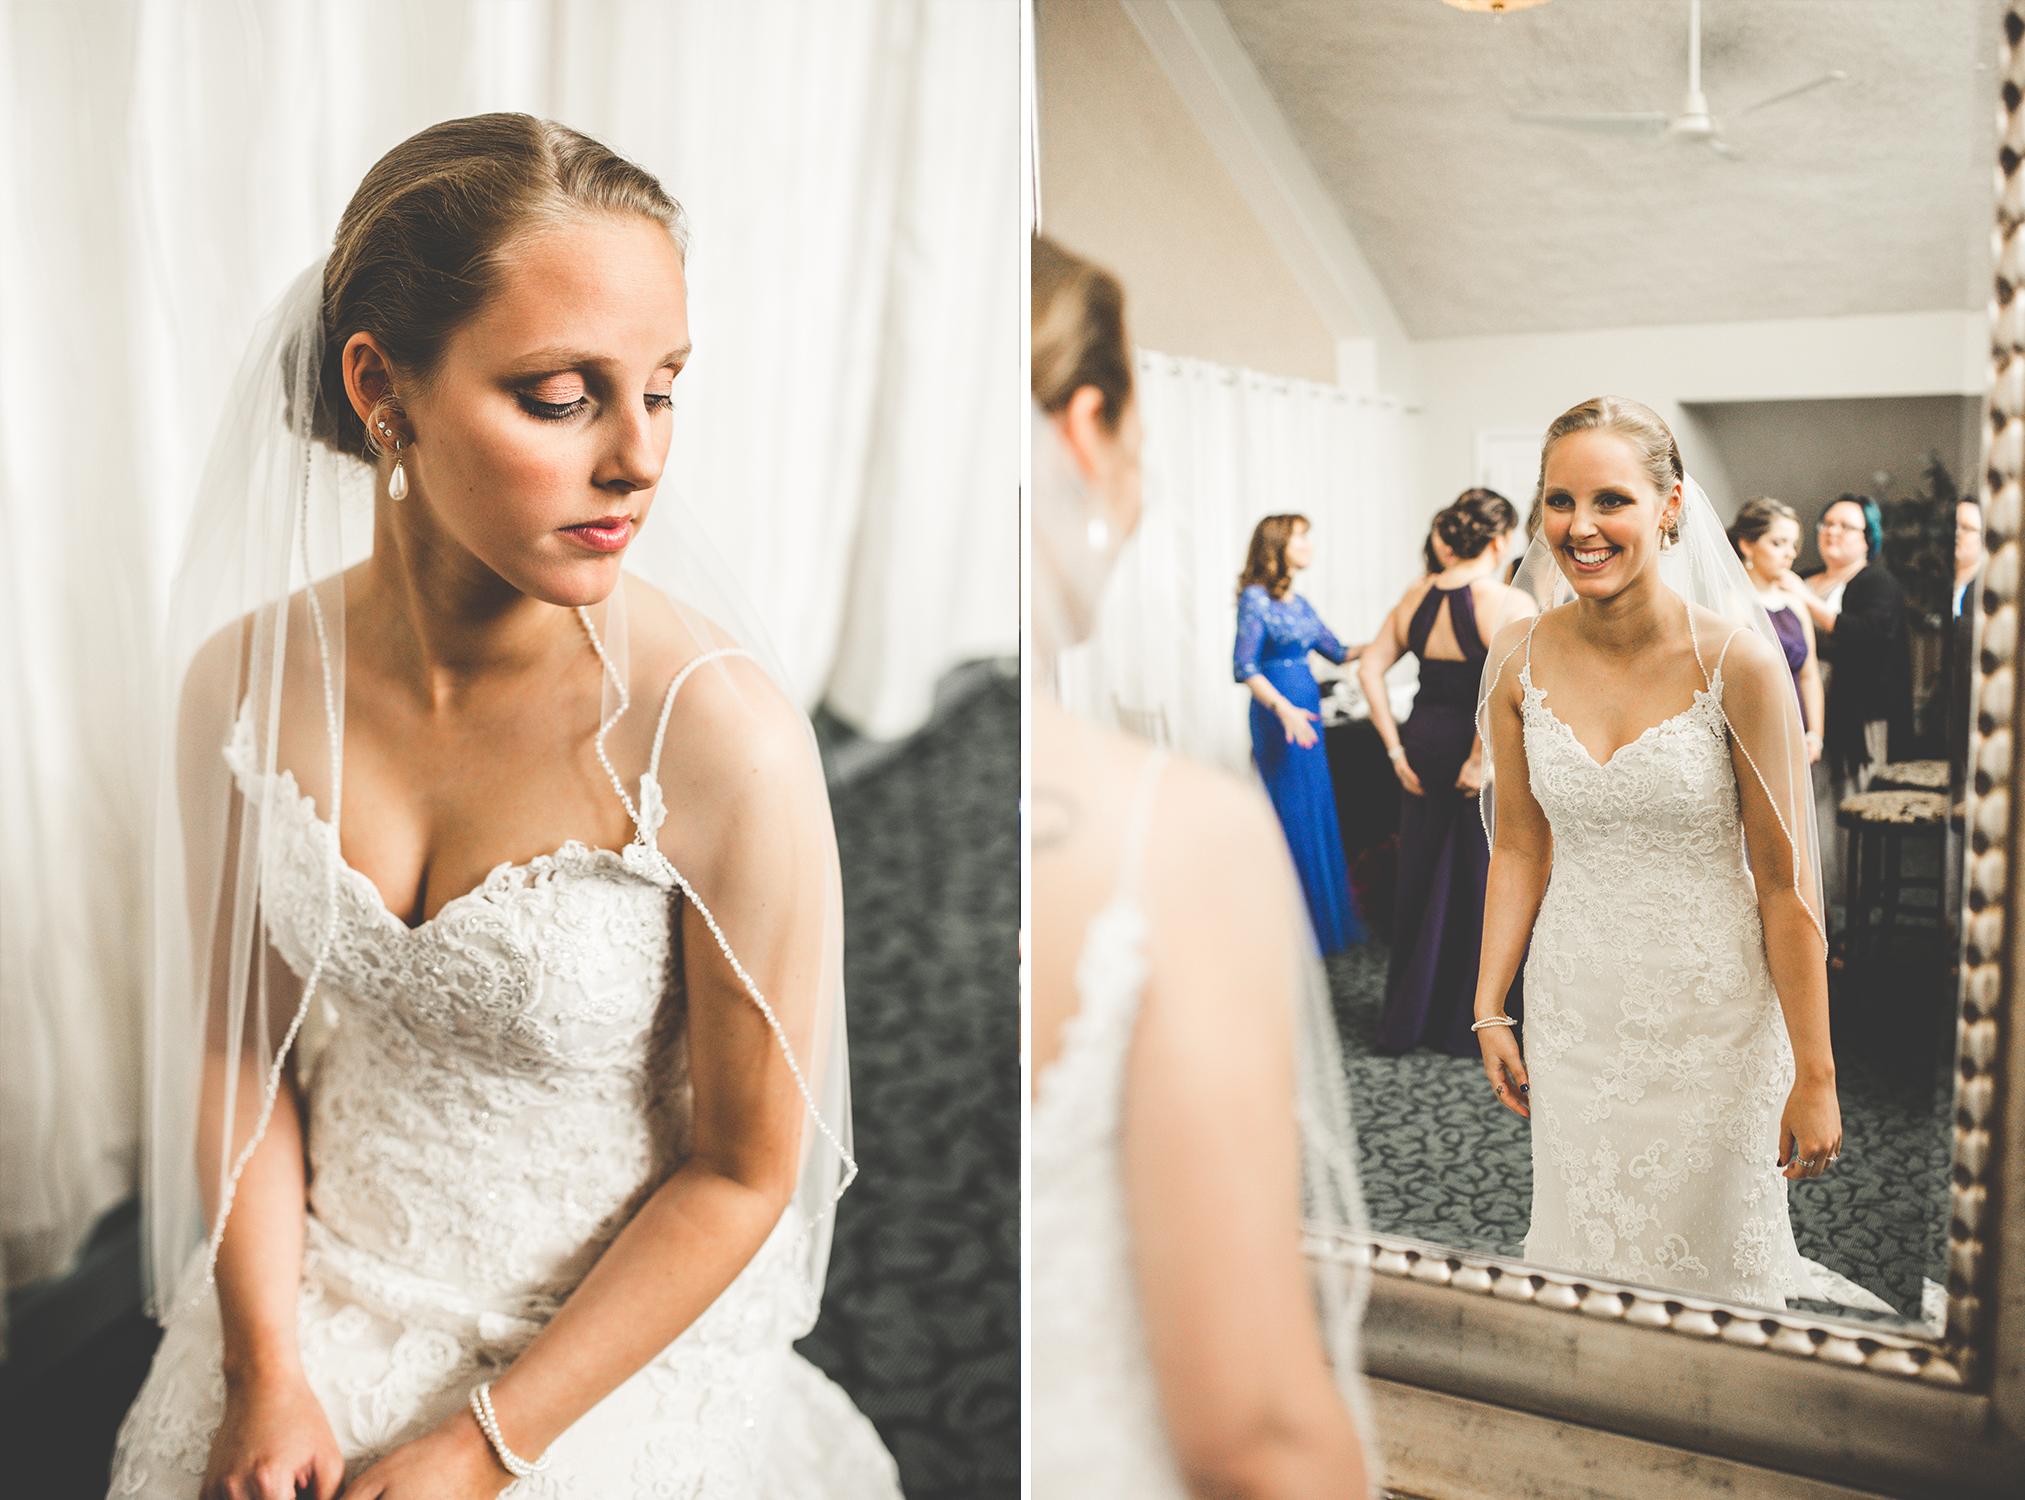 kayleighcorbinmarylandweddingblog11.jpg